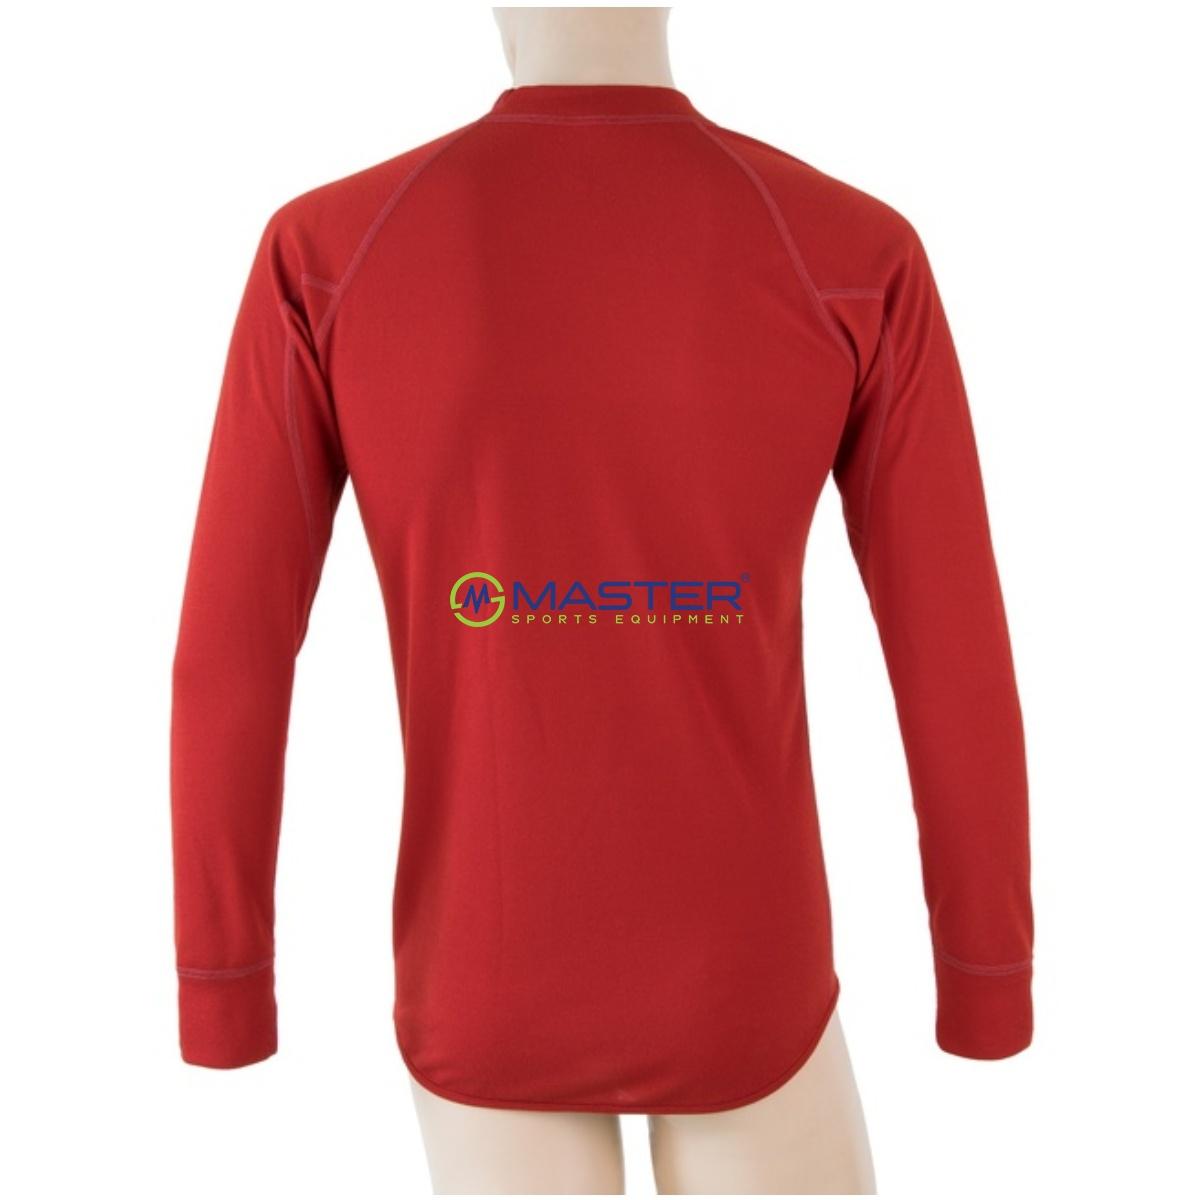 685cd2bc7b00 Tričko dlhý rukáv SENSOR Double Face pánske tmavo červené. -14%